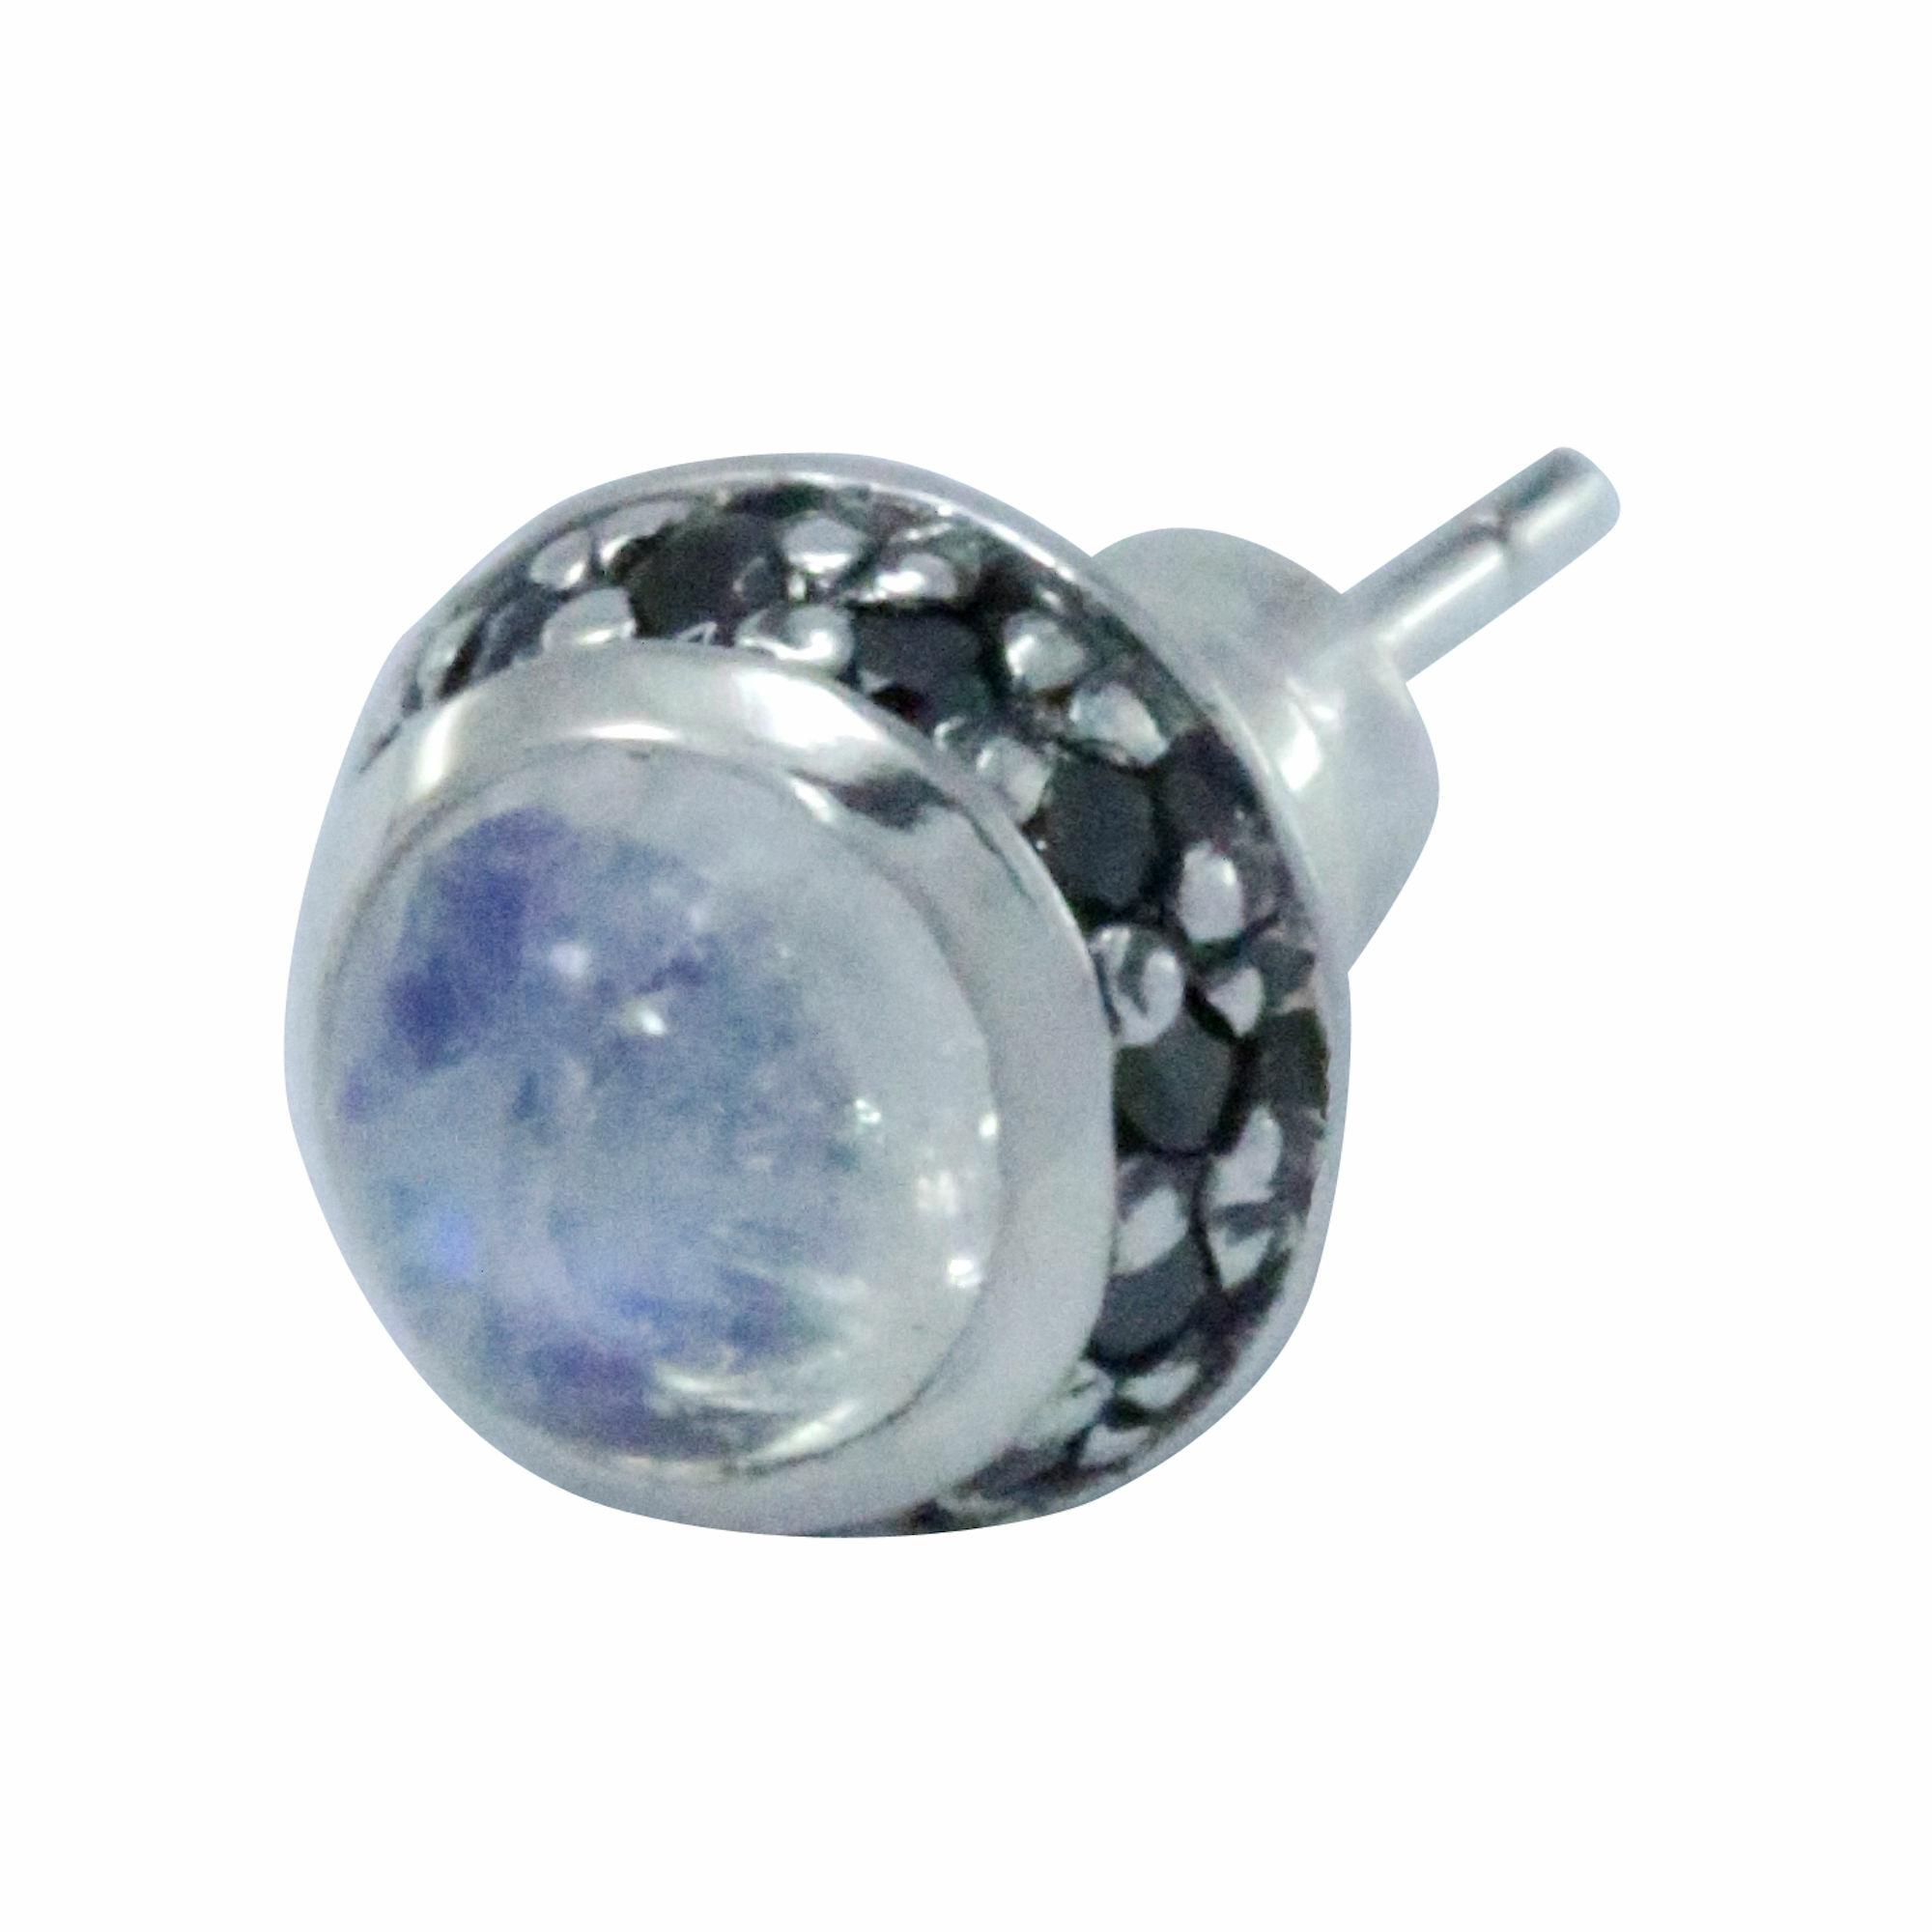 ラウンドムーンストーンピアス ACE0100 Round moonstone earrings